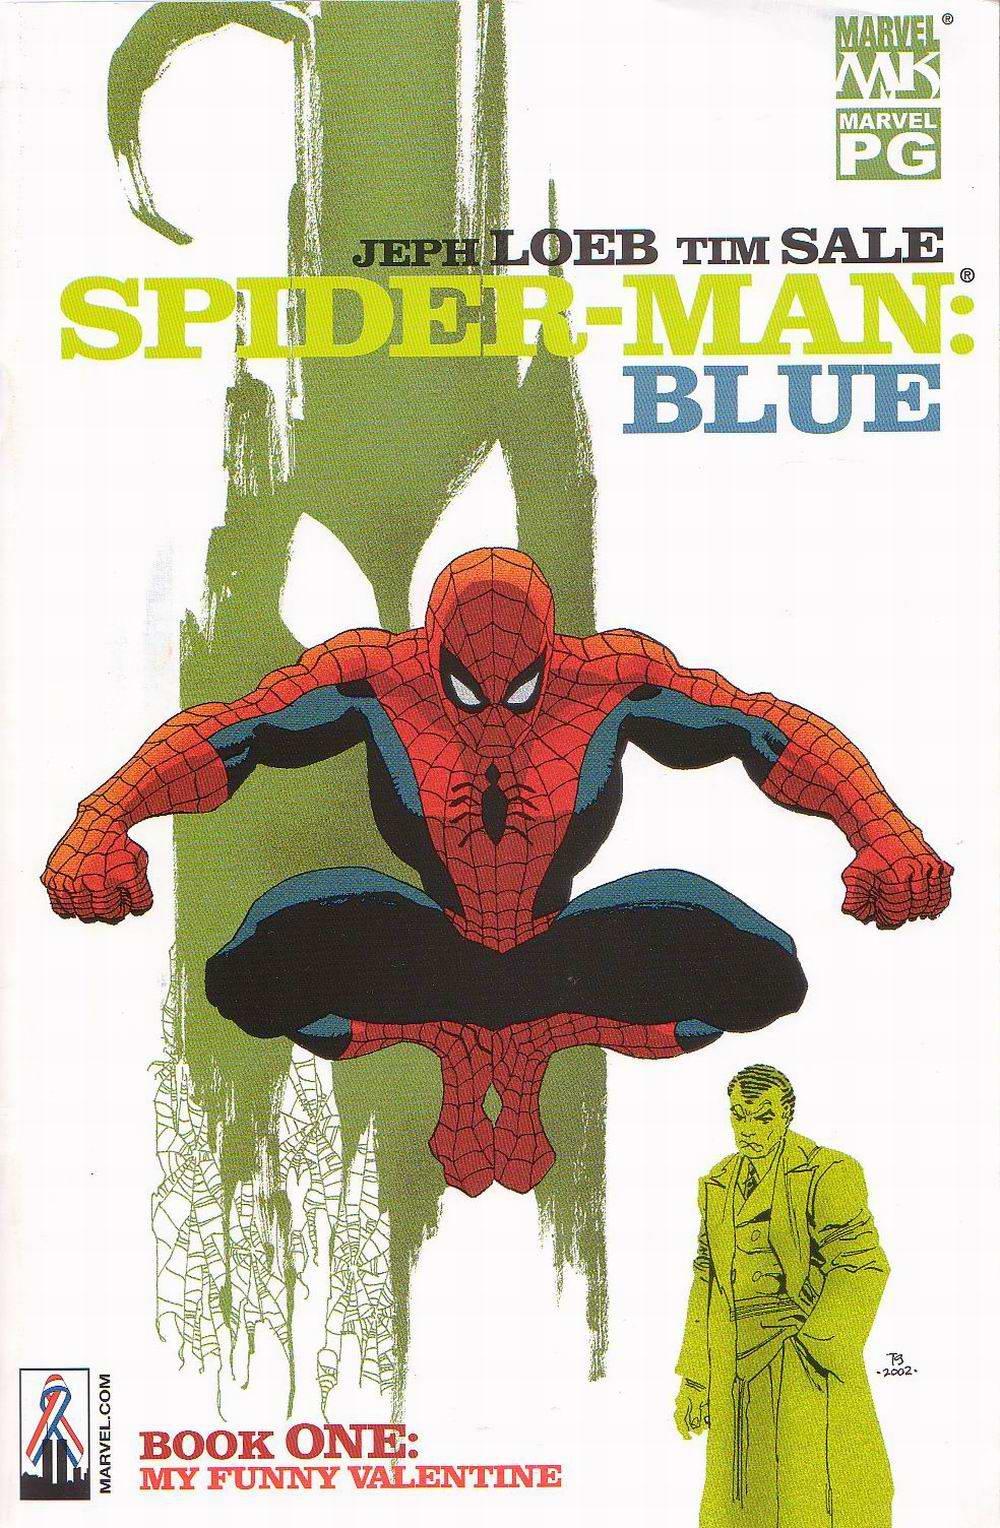 Человек-паук: Рейми или Уэбб? | Канобу - Изображение 6